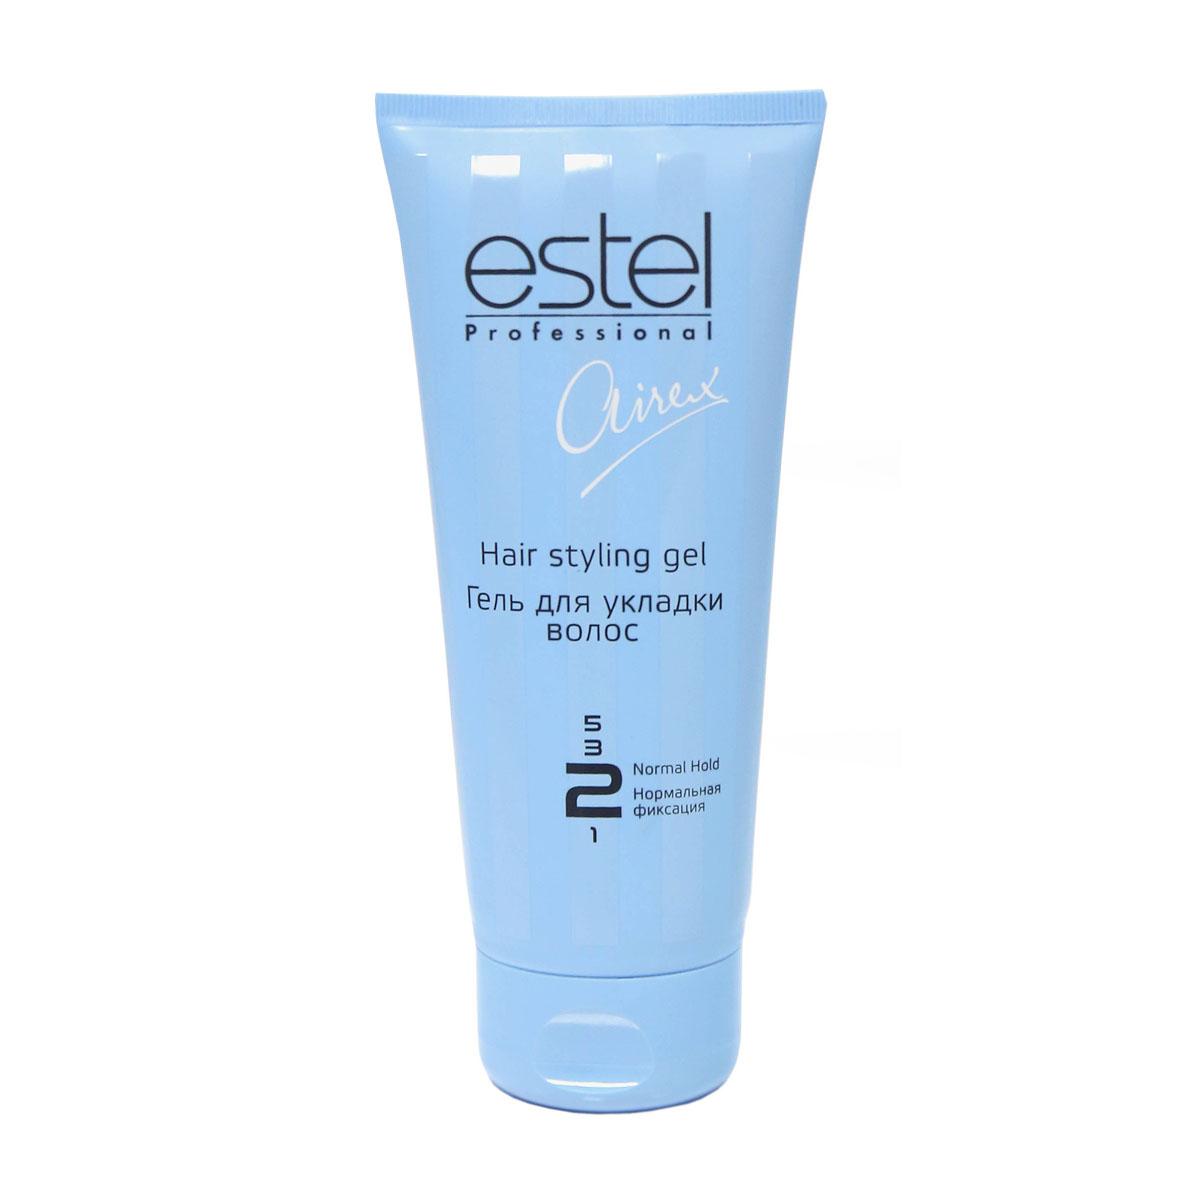 Estel Airex Гель для укладки волос нормальной фиксации 200 млSatin Hair 7 BR730MNГель для укладки волос нормальной фиксации Estel Airex содержит активные увлажняющие компоненты, провитамин В5 и комплекс силоксанов, придающий блеск. В результате длительная фиксация, и эффект мокрых волос.